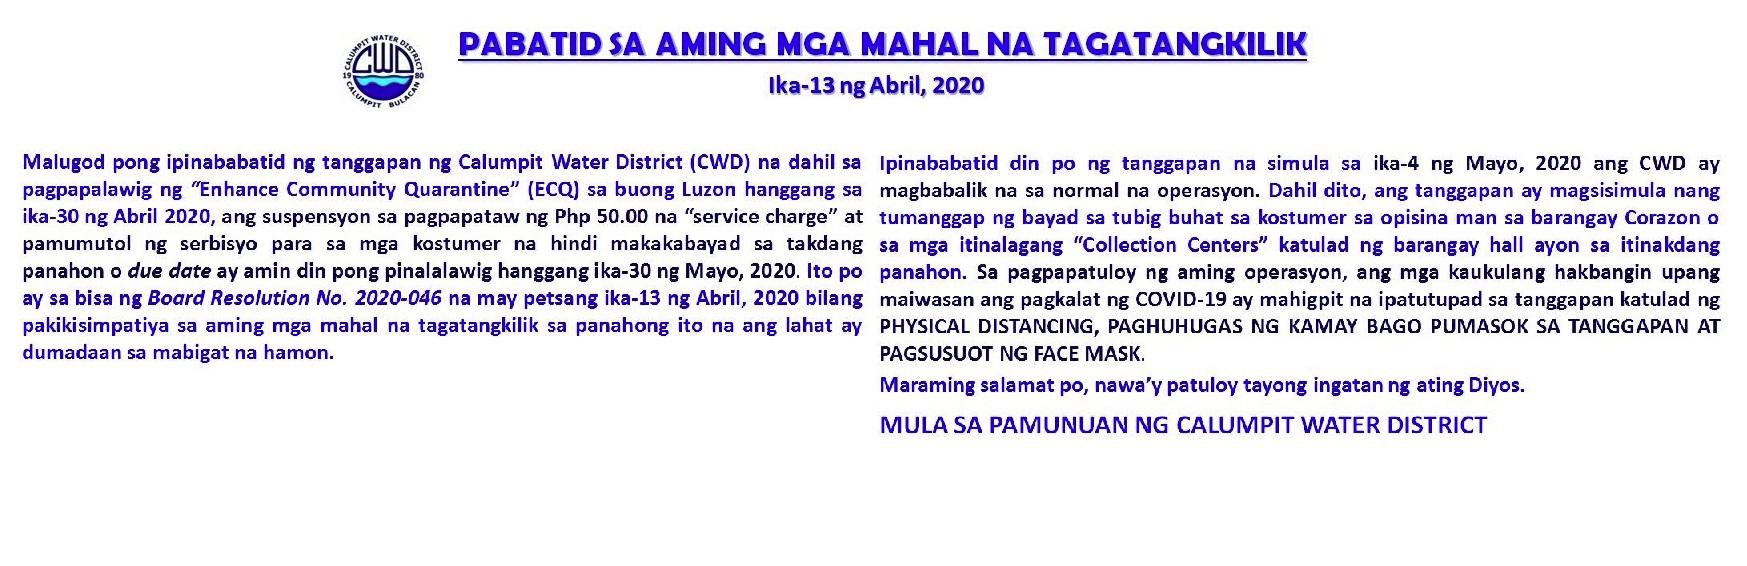 Pabatid Sa Aming Mga Mahal Na Tagatangkilik 04-13-20 for banner